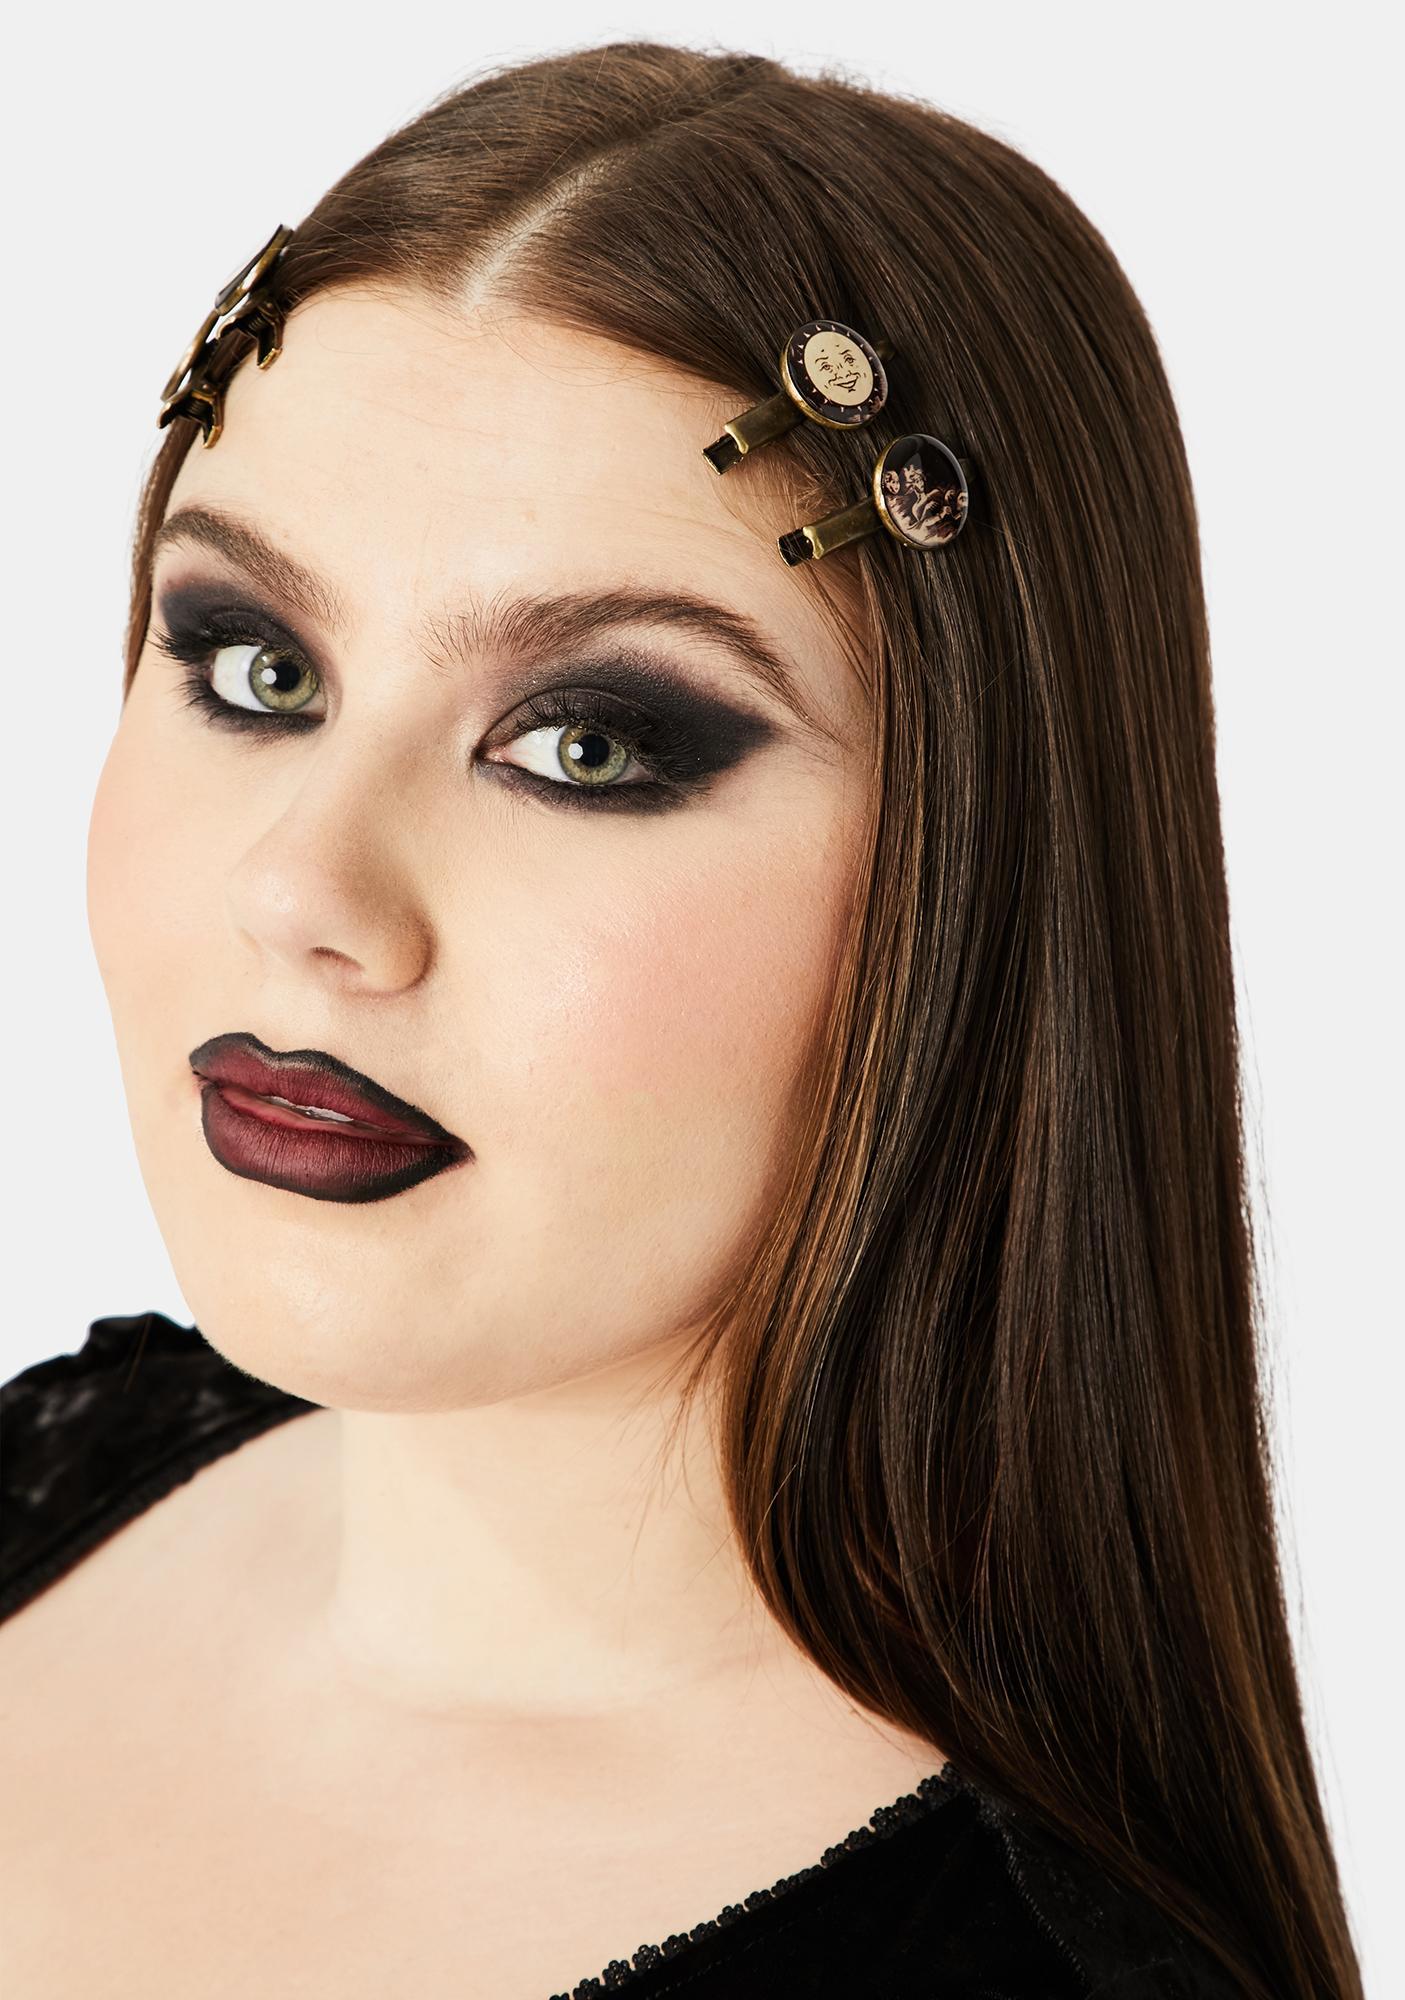 Se7en Deadly Ouija Match Box Hair Clips